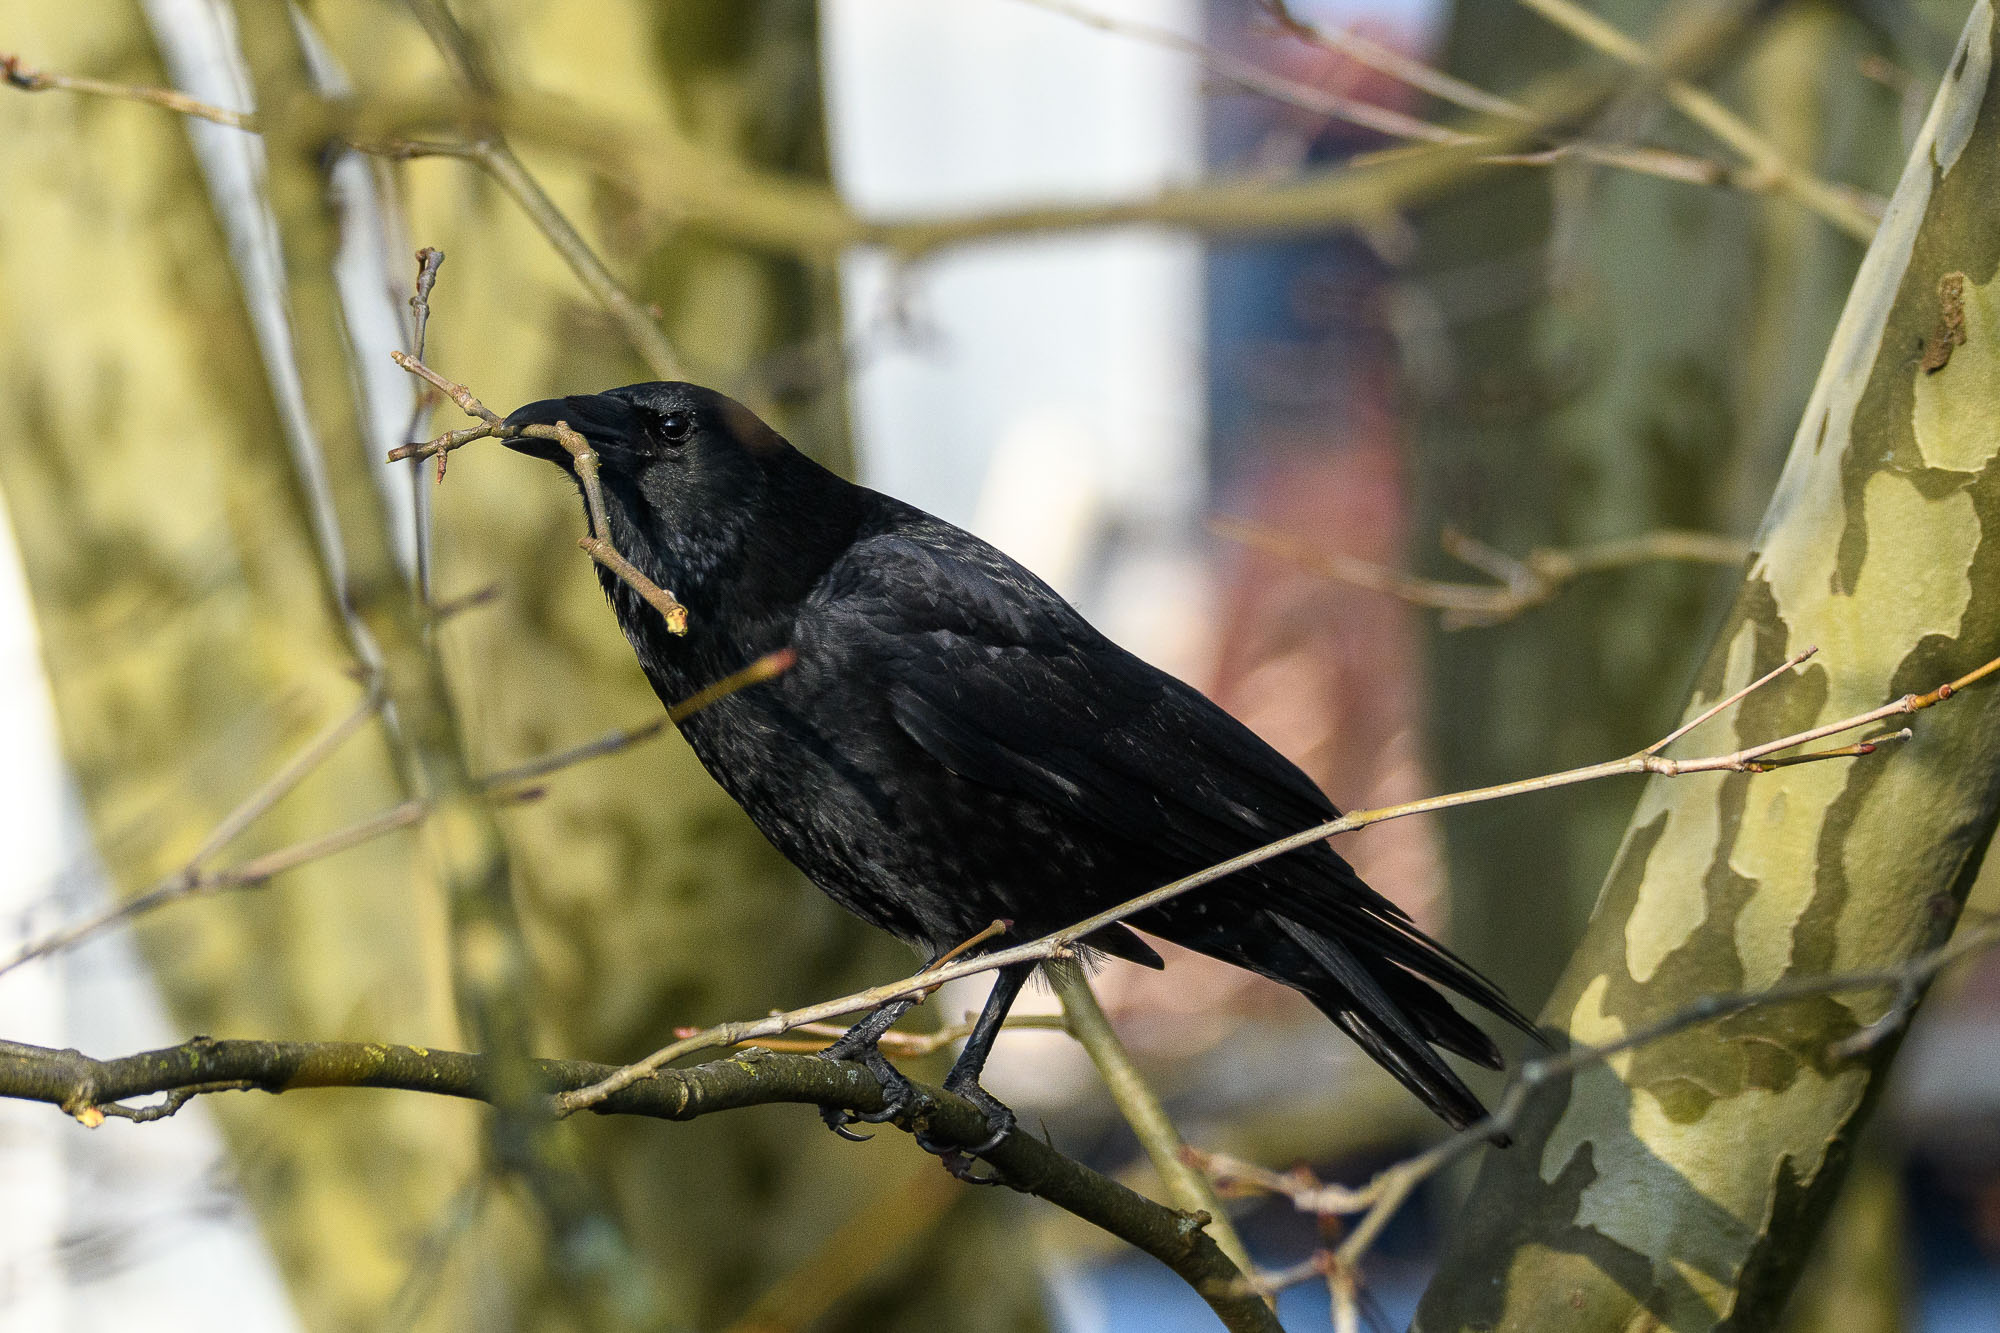 Beginn der Nestbauperiode